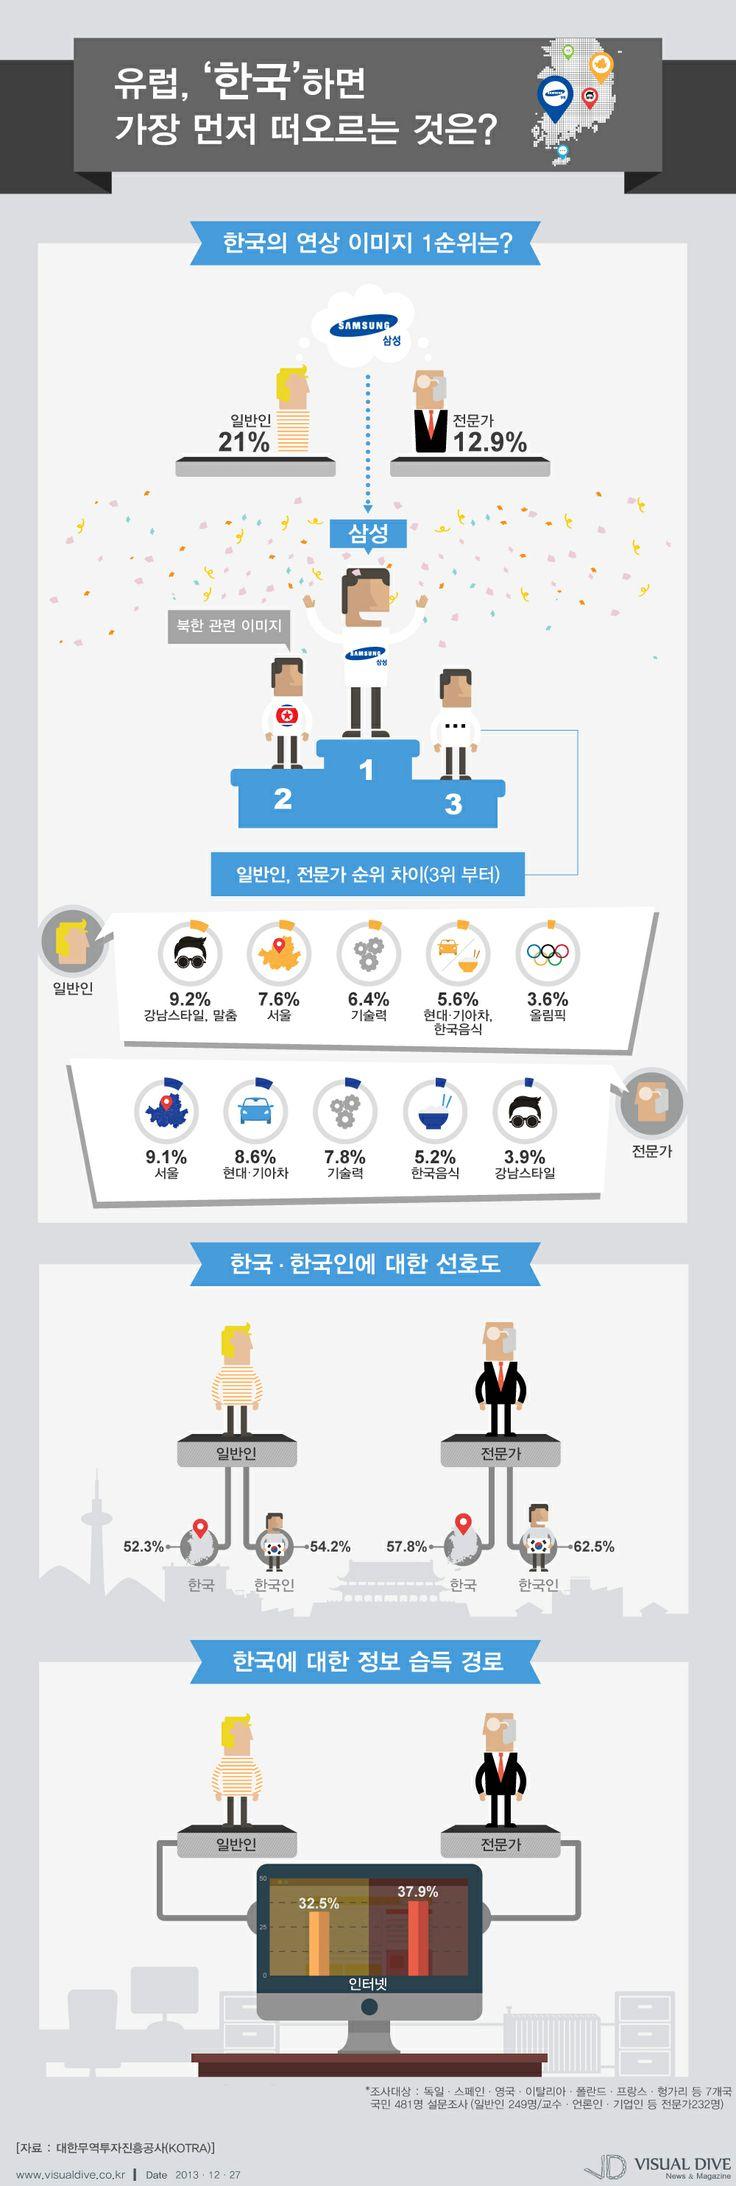 [Infographic] 유럽인들이 '한국'하면 가장 먼저 떠오르는 것에 관한 인포그래픽